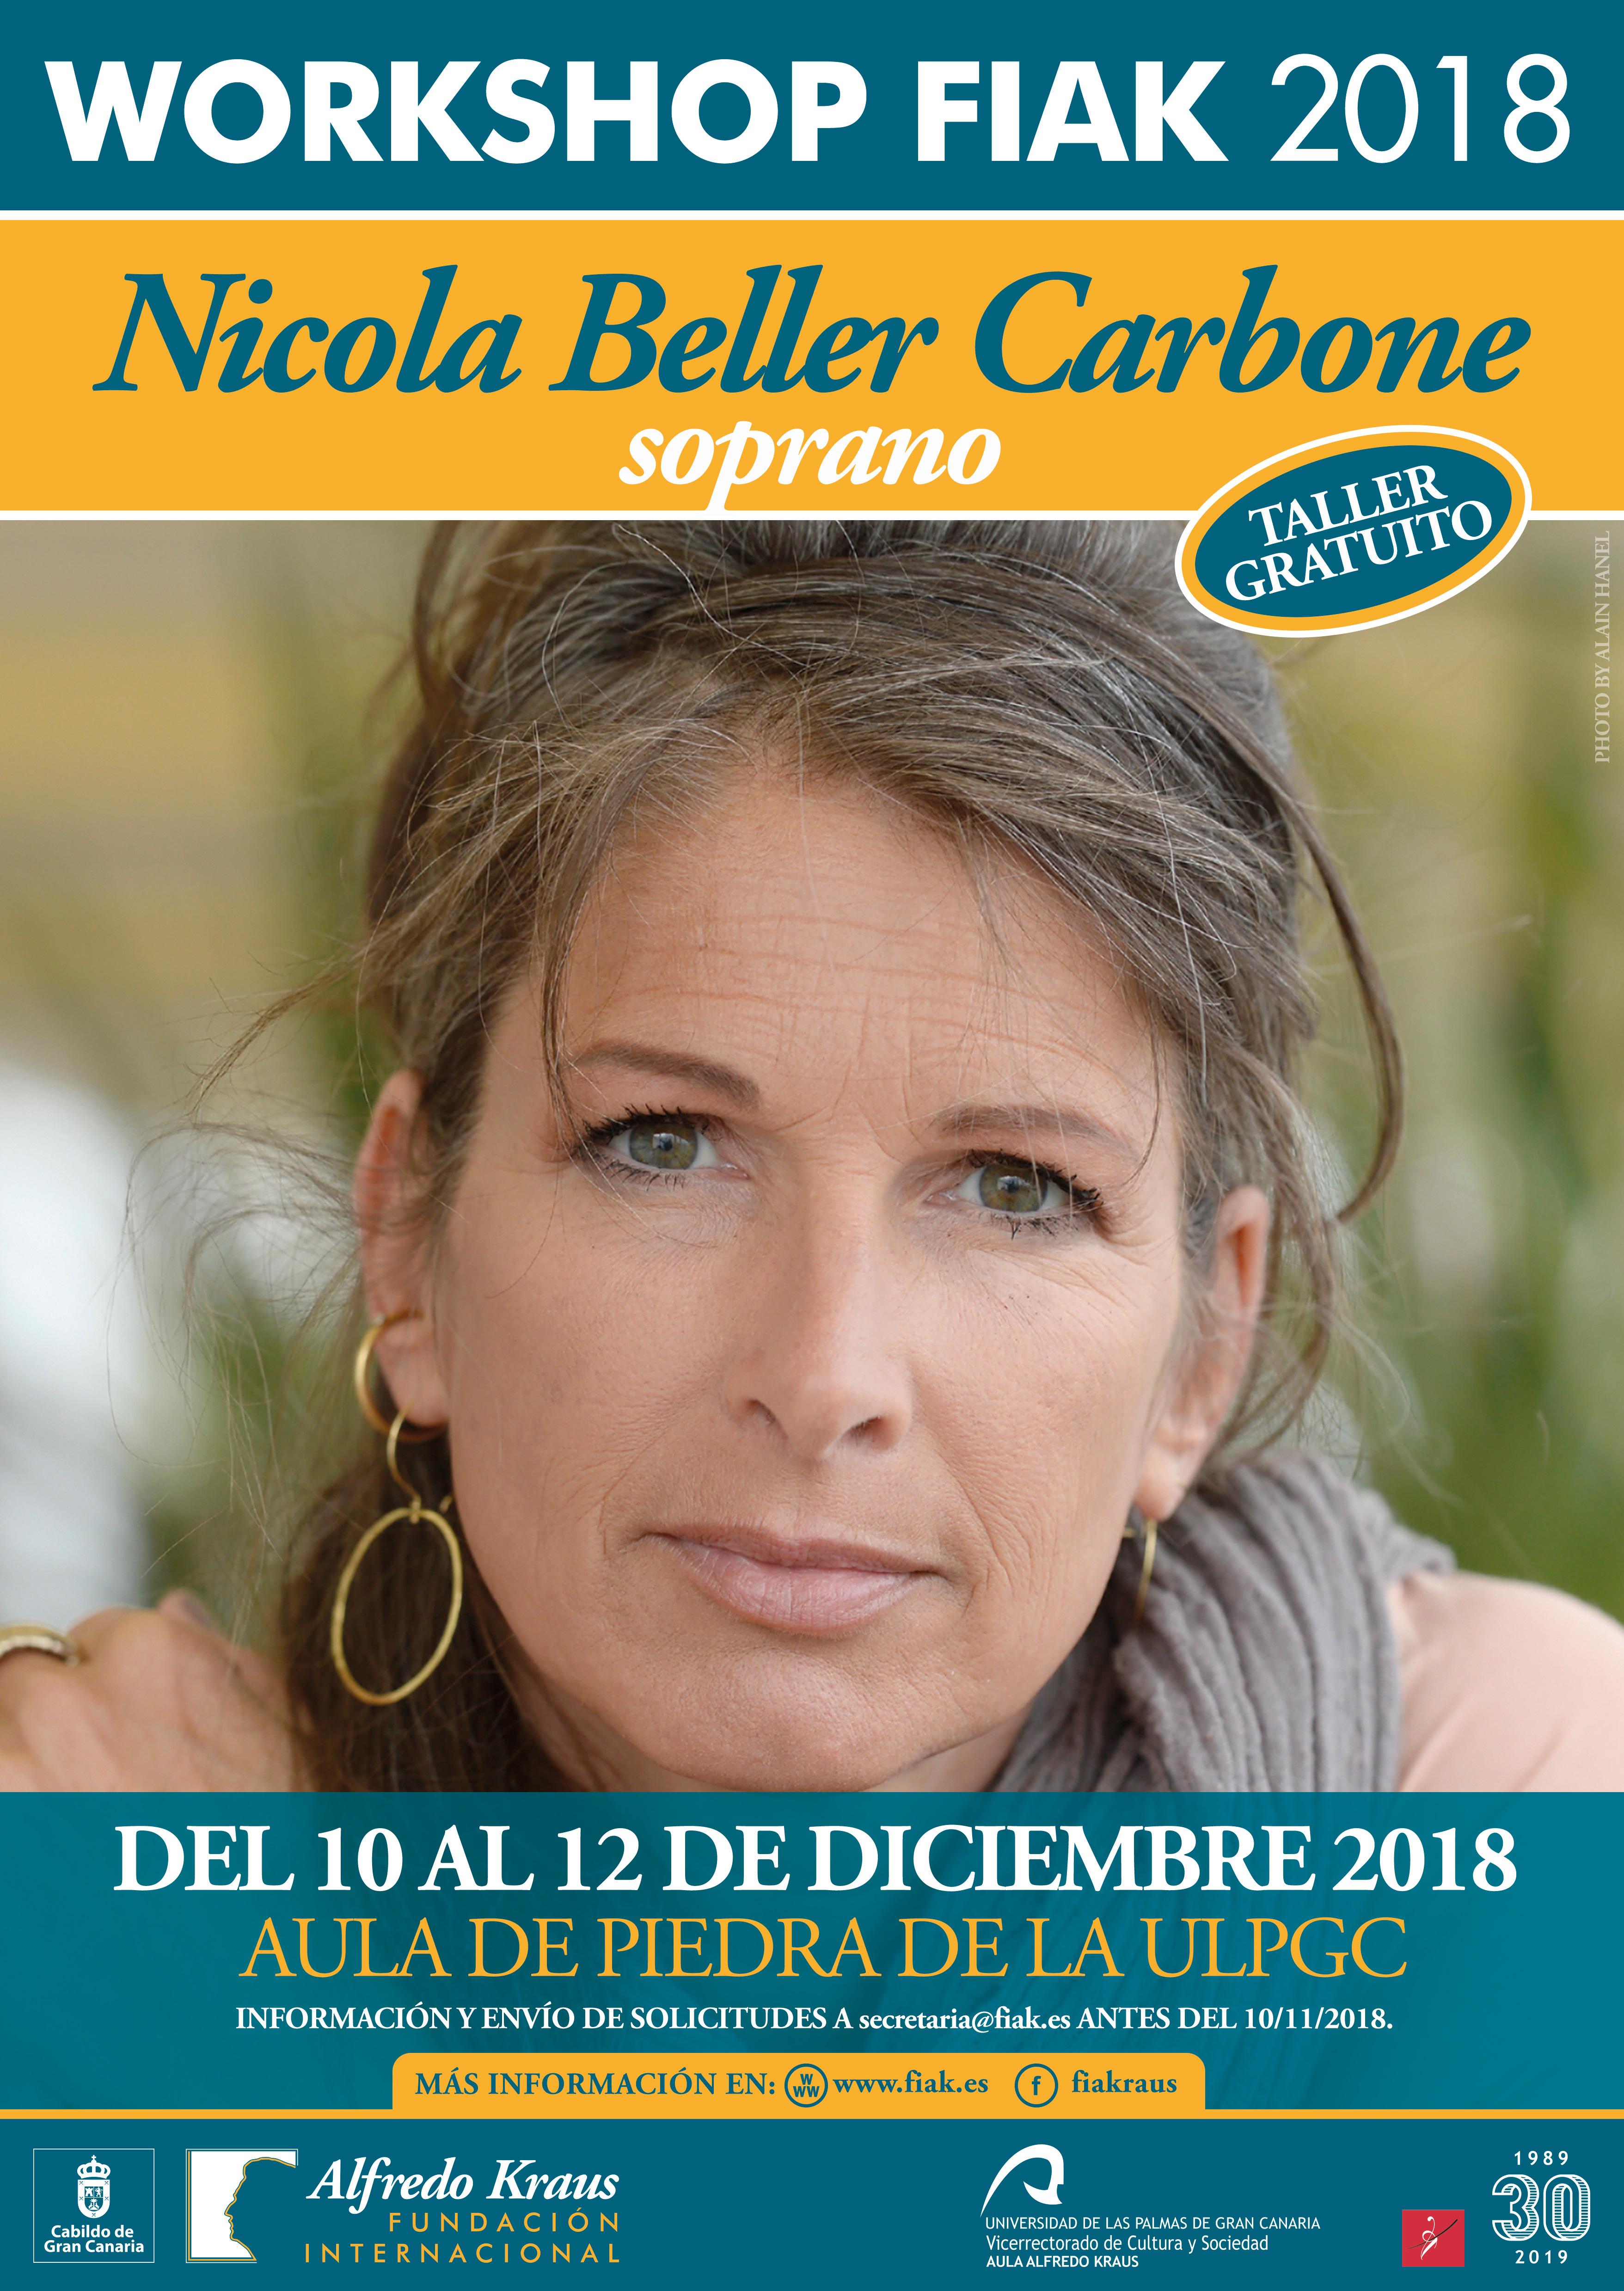 Siete cantantes han sido seleccionados para participar en el taller didáctico de canto que impartirá la soprano Nicola Beller Carbone